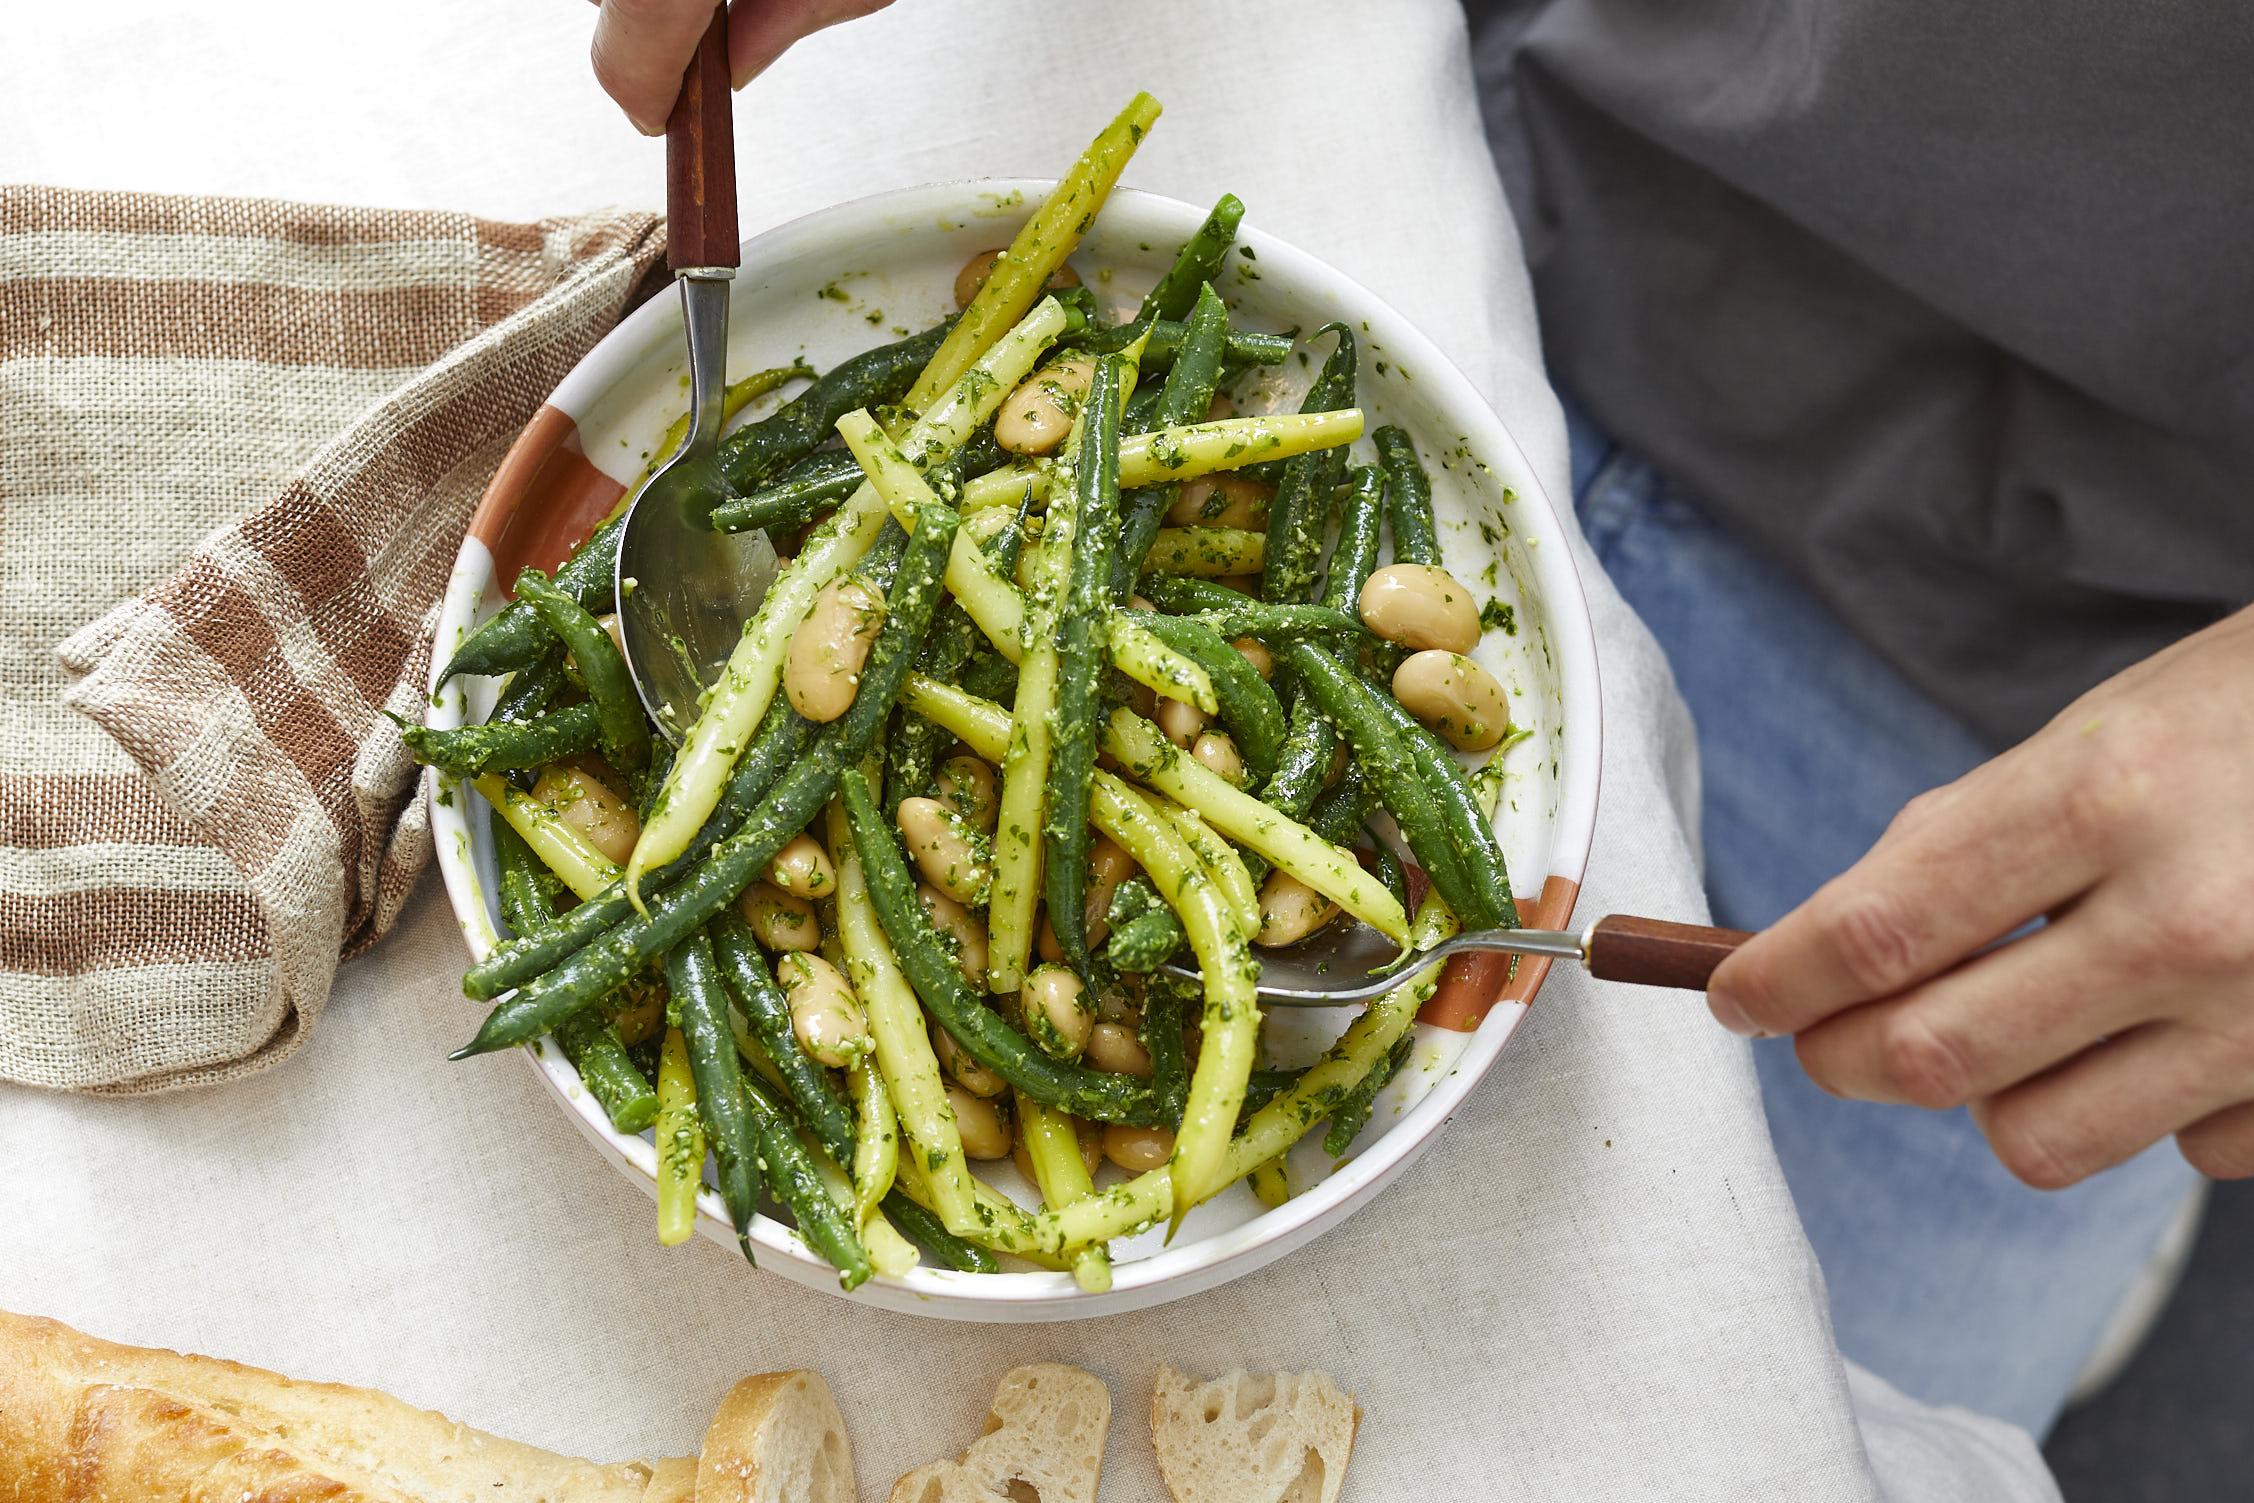 schnittbohnen-salat-kräuter-rezept- 1